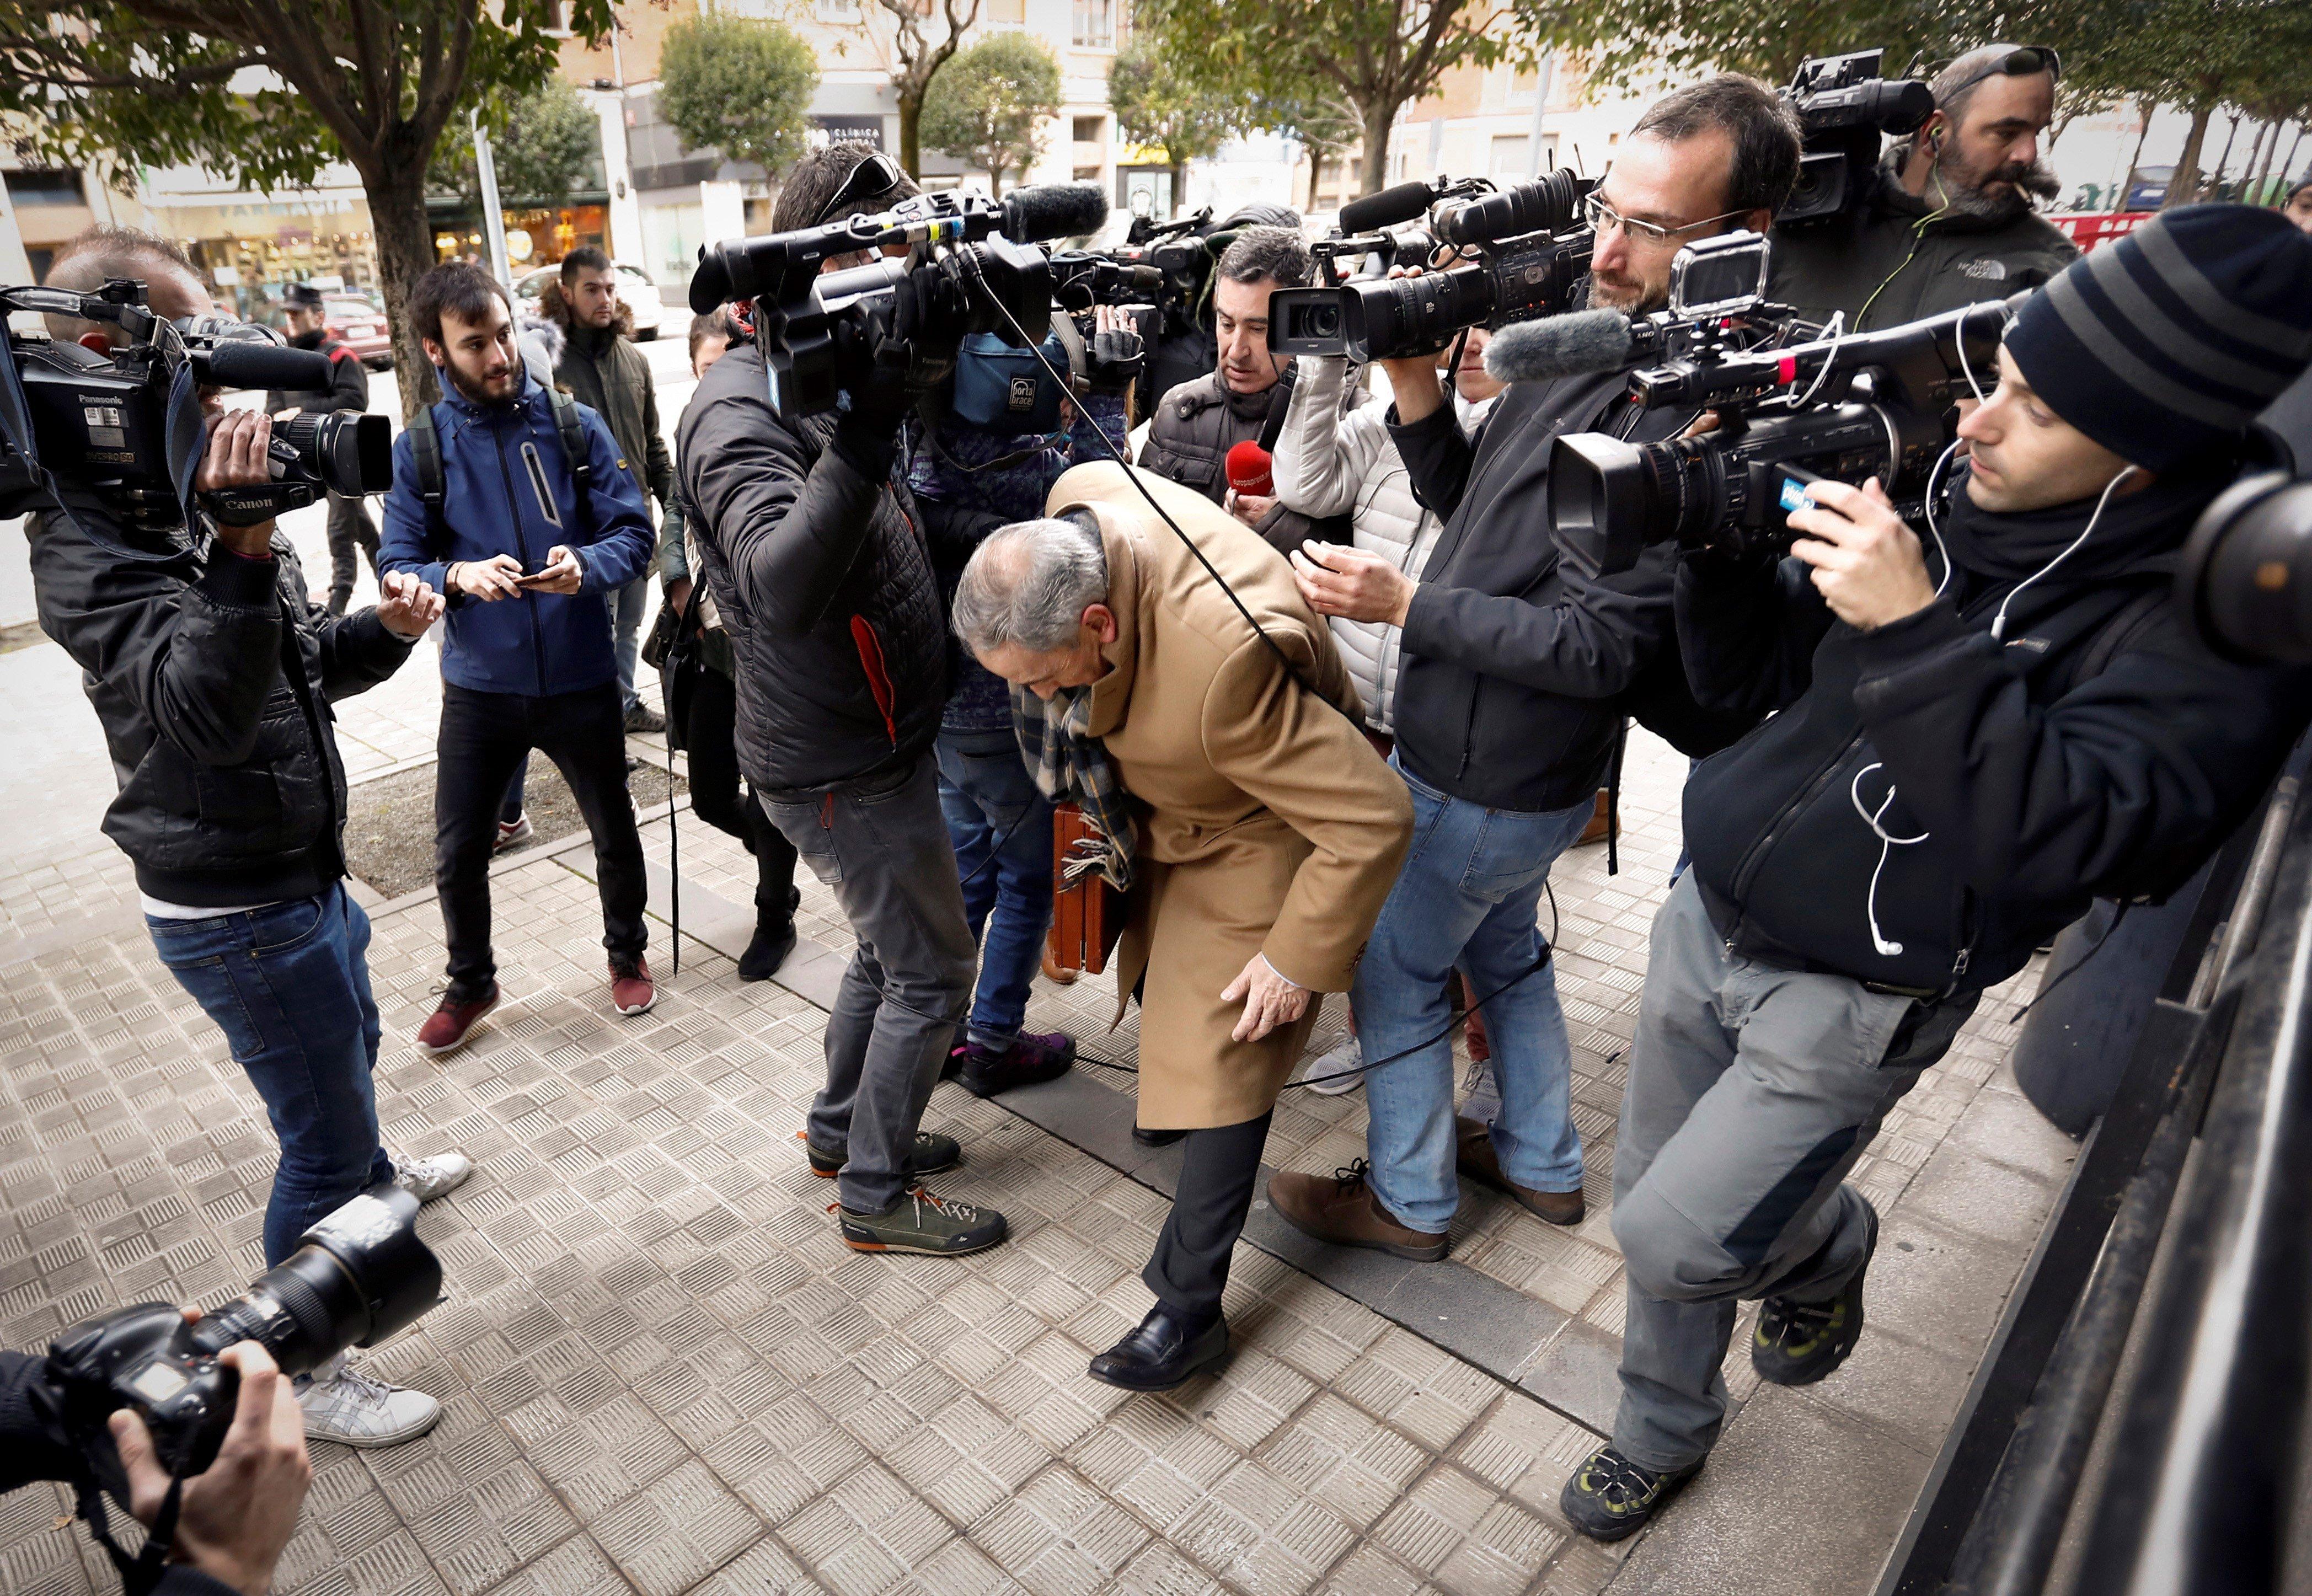 L'advocat de la jove que va denunciar haver sofert una violació grupal en els sanfermines del 2016, Carlos Bacaicoa, a la seva arribada al Palau de Justícia de Navarra. /VILLAR LÓPEZ